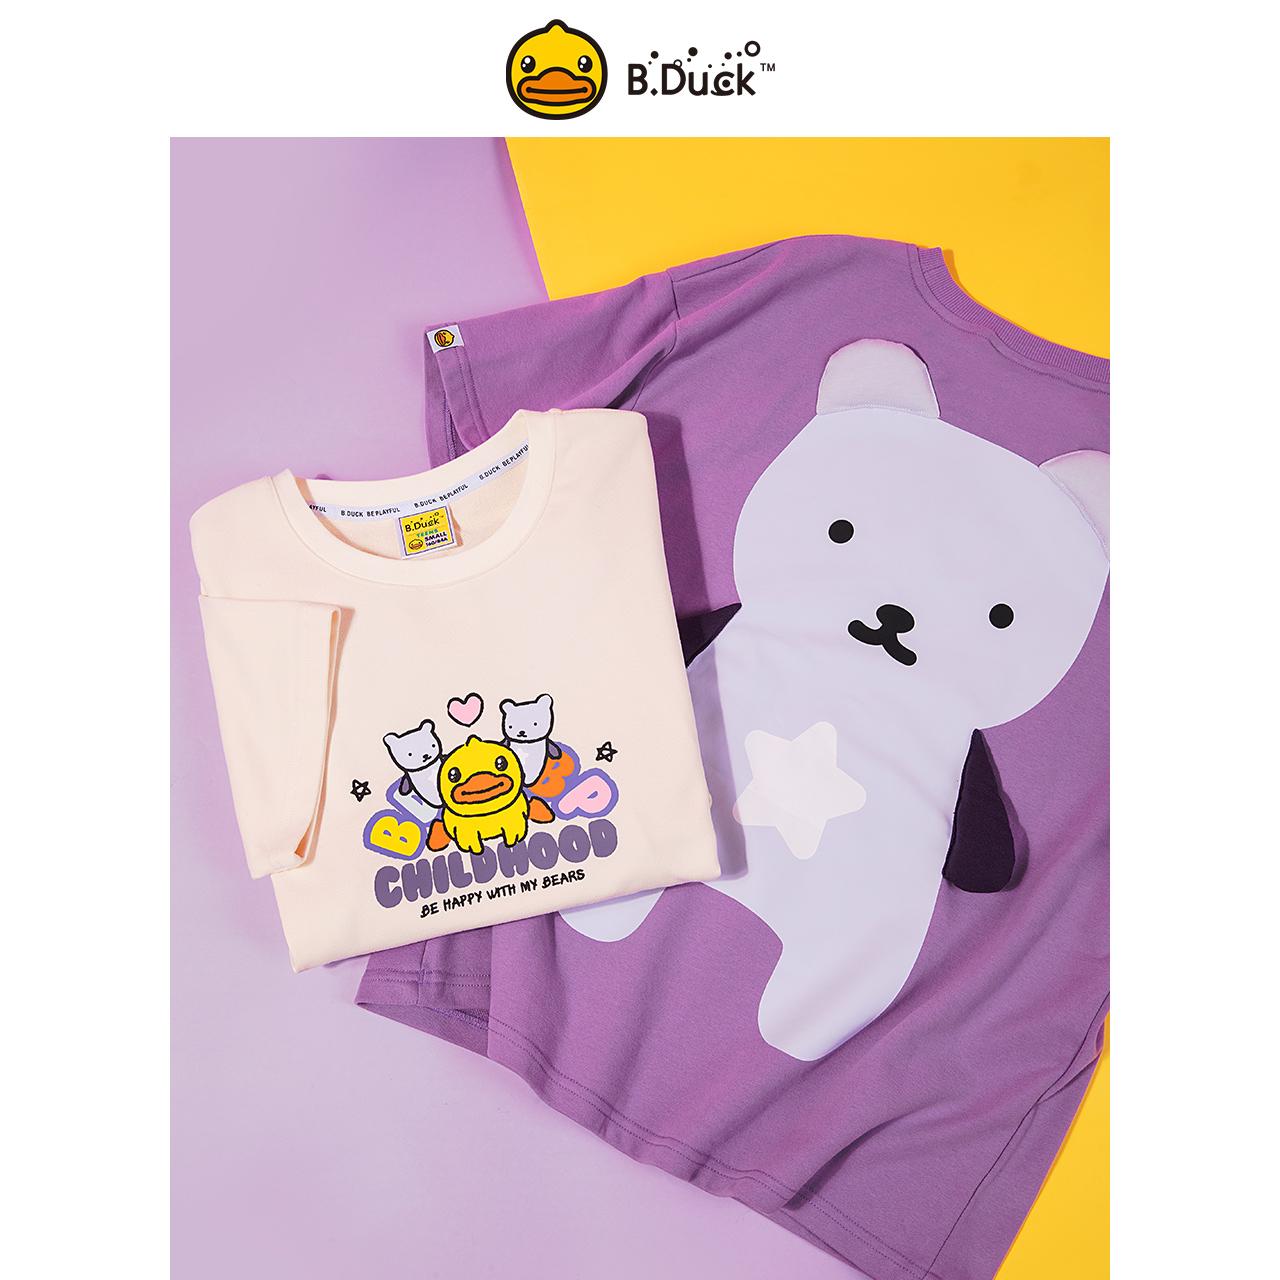 【薇娅推荐】B.Duck小黄鸭2021年夏新款立体充棉可爱印花短袖T恤